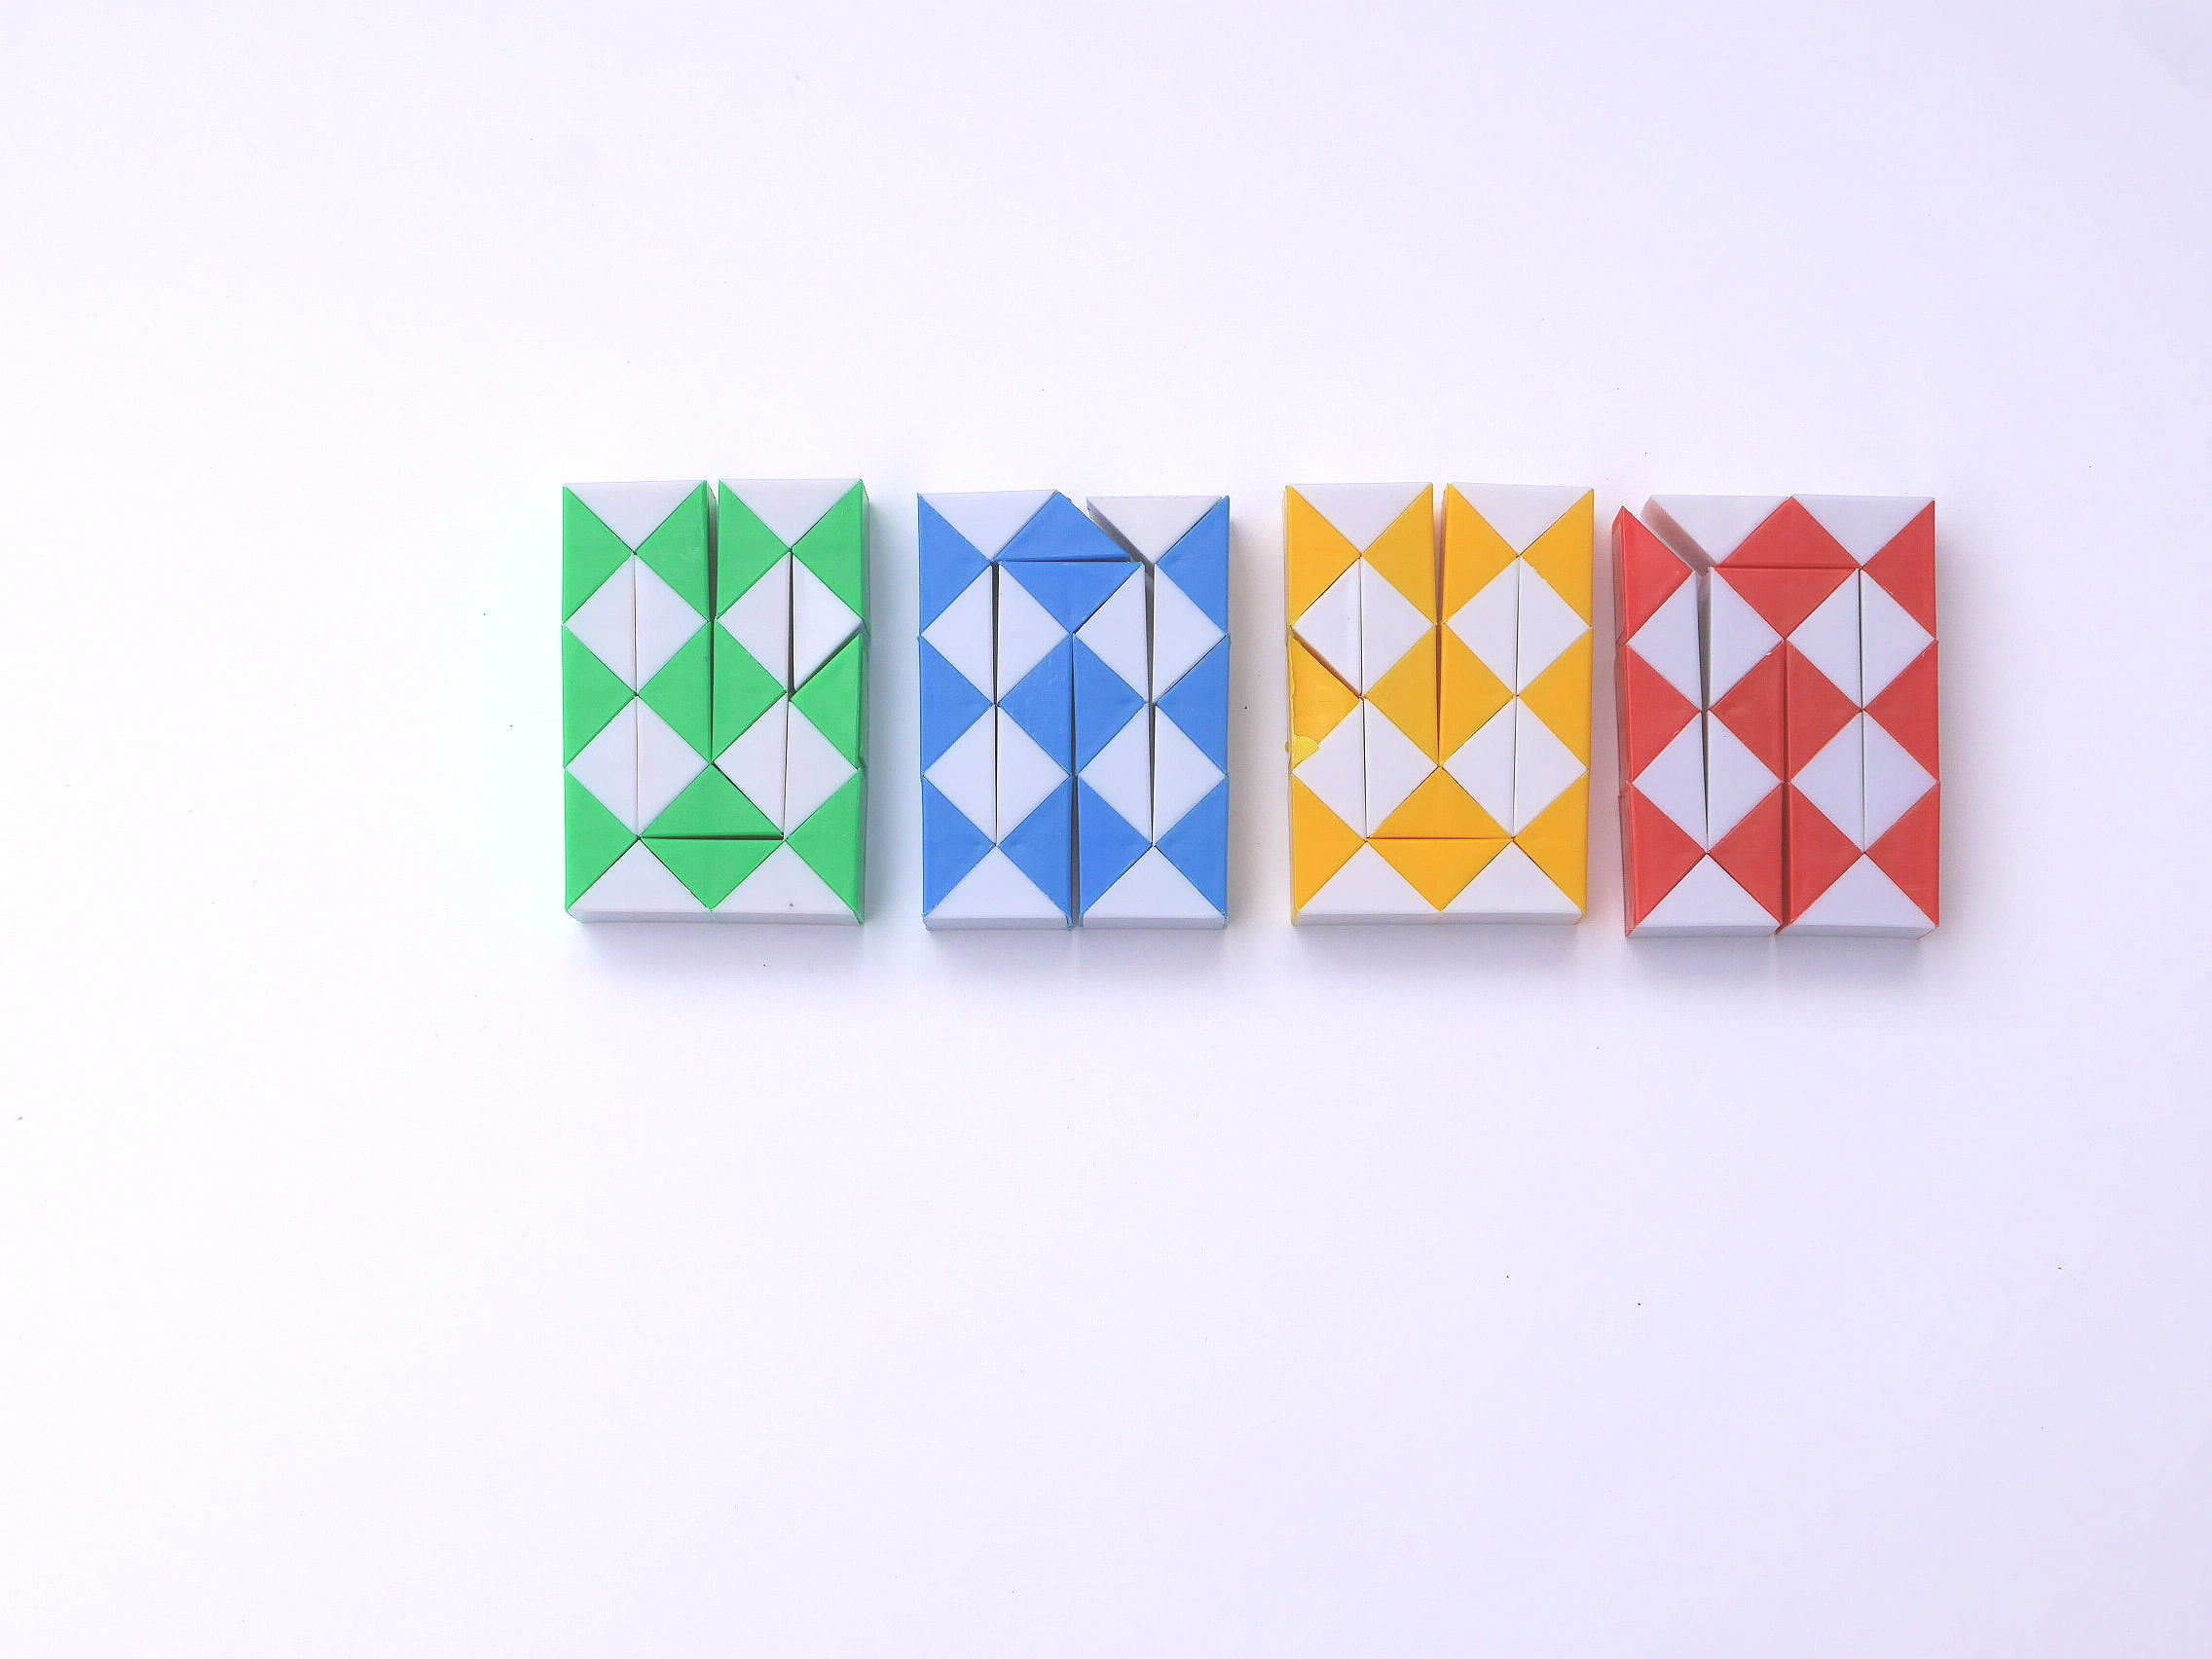 ポキポキパズルゲーム